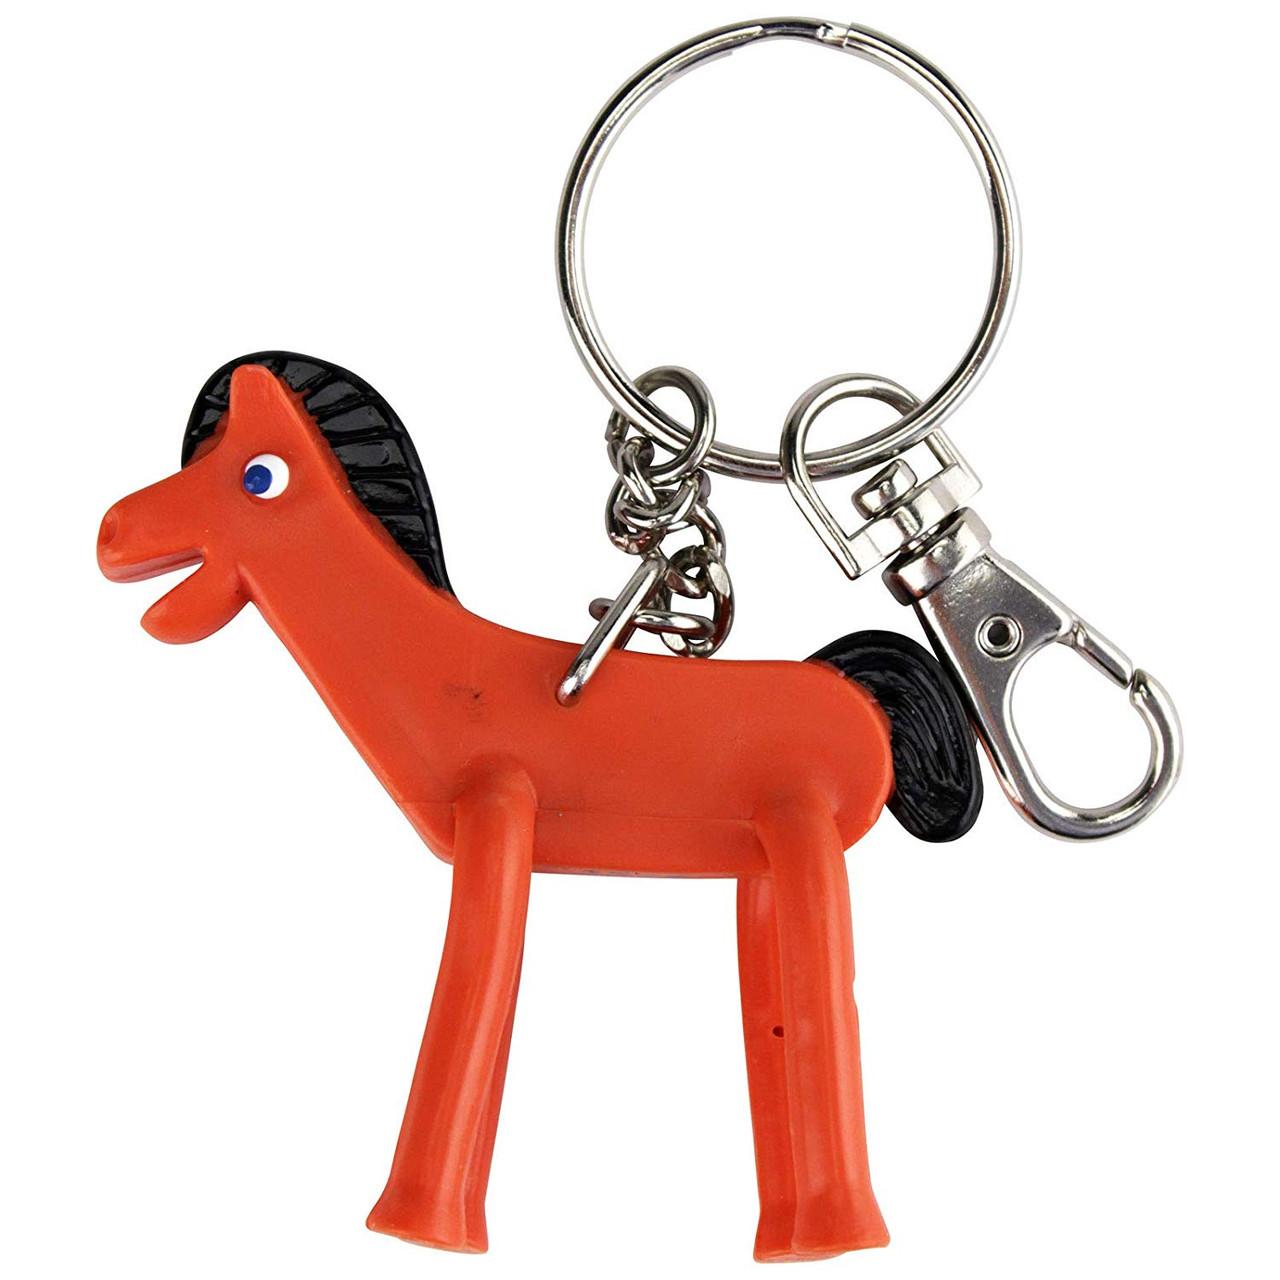 Gumby /& Friends key chain Pokey NJ Croce 011093